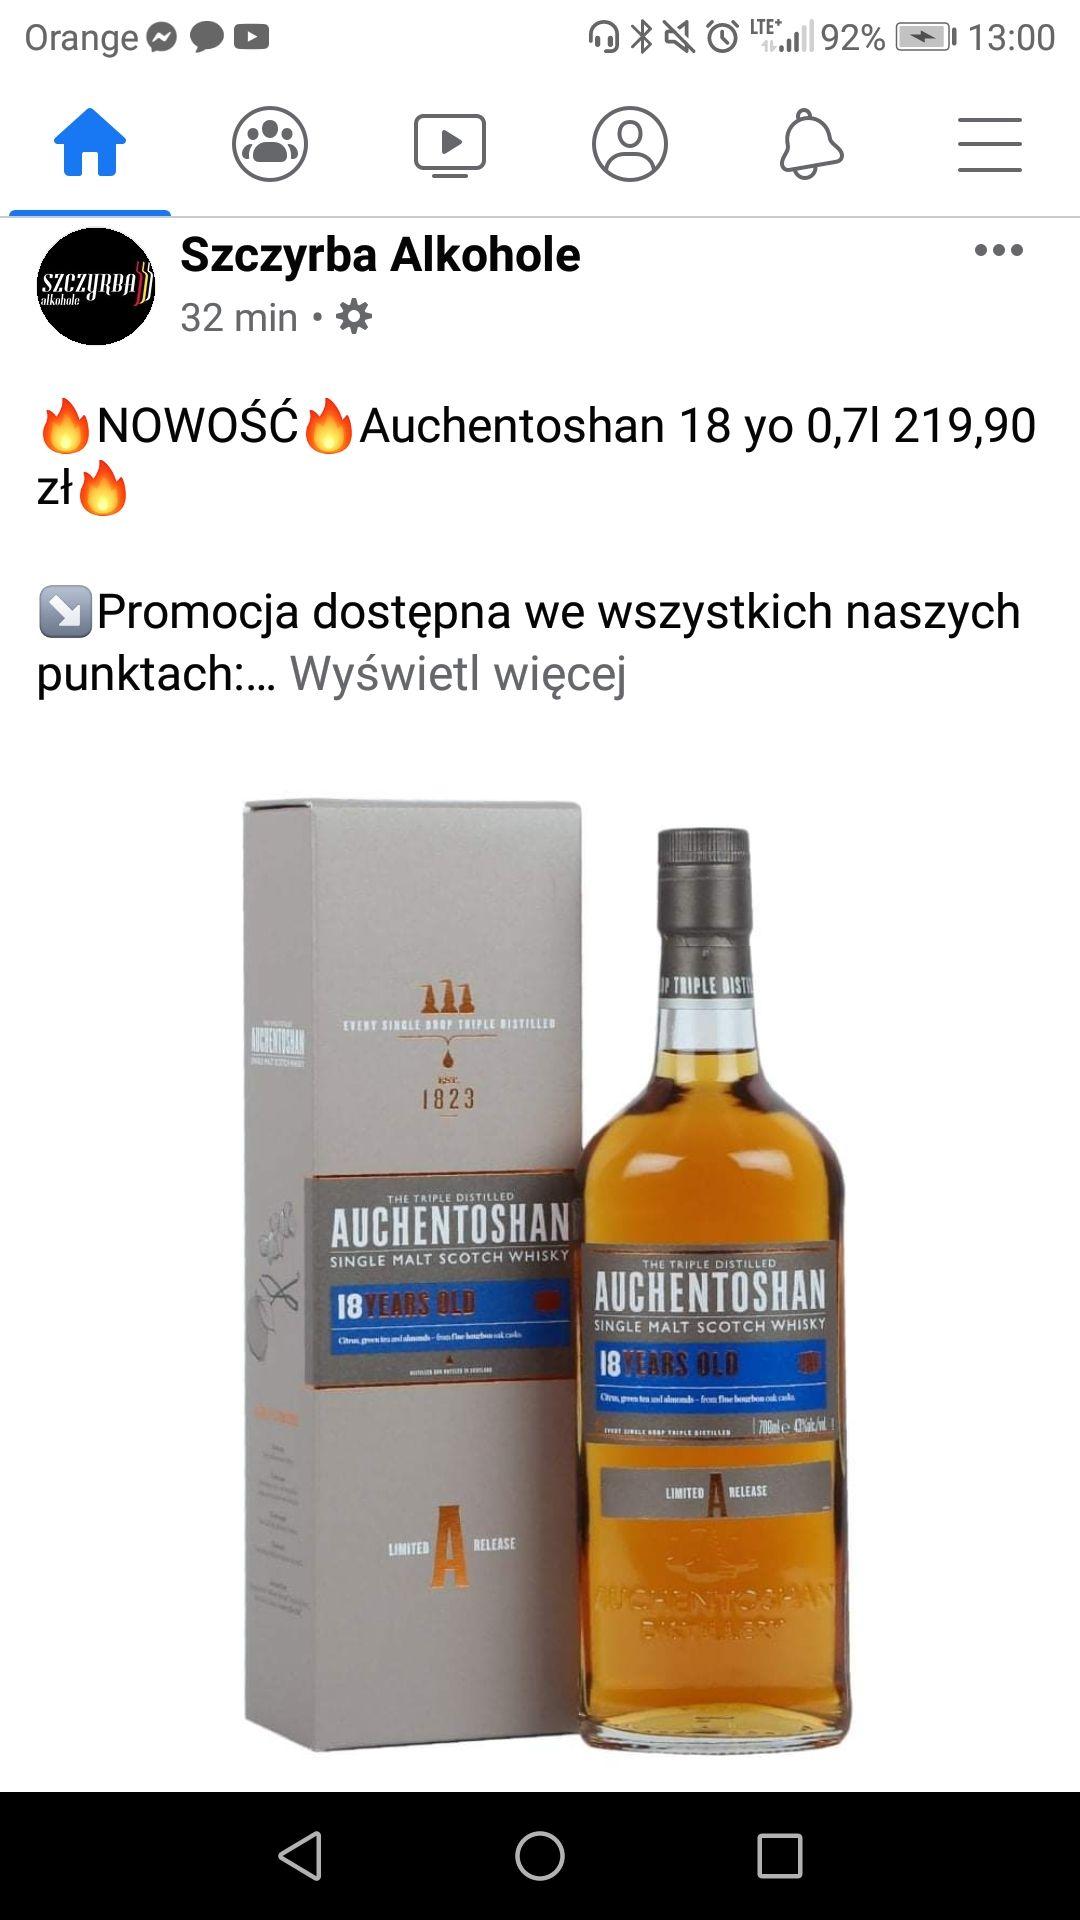 Auchentoshan 18yo / 0,7l / 219zł /Szczyrba Alkohole/ Śląsk